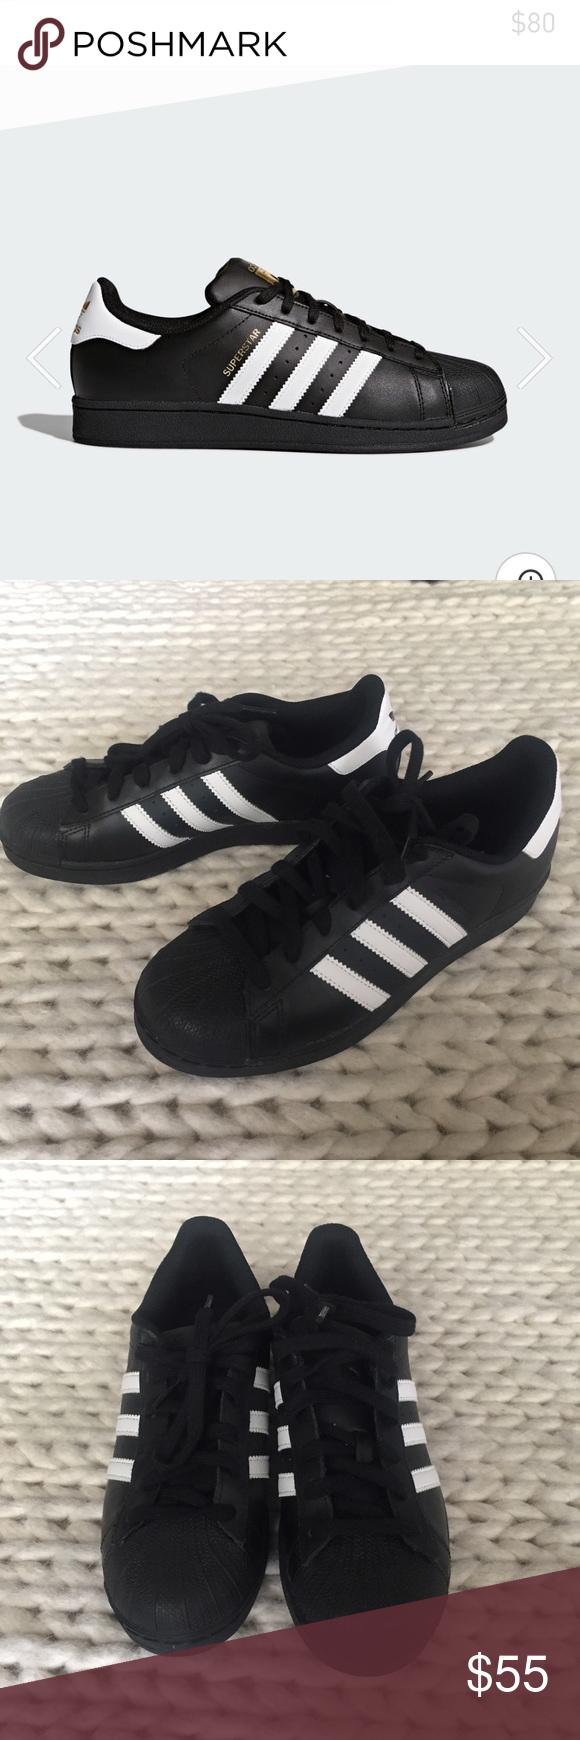 Gli Uomini È Adidas Superstar Formatori Fondazione Scarpe Nere Questi Formatori Superstar Nato 6 0c1333